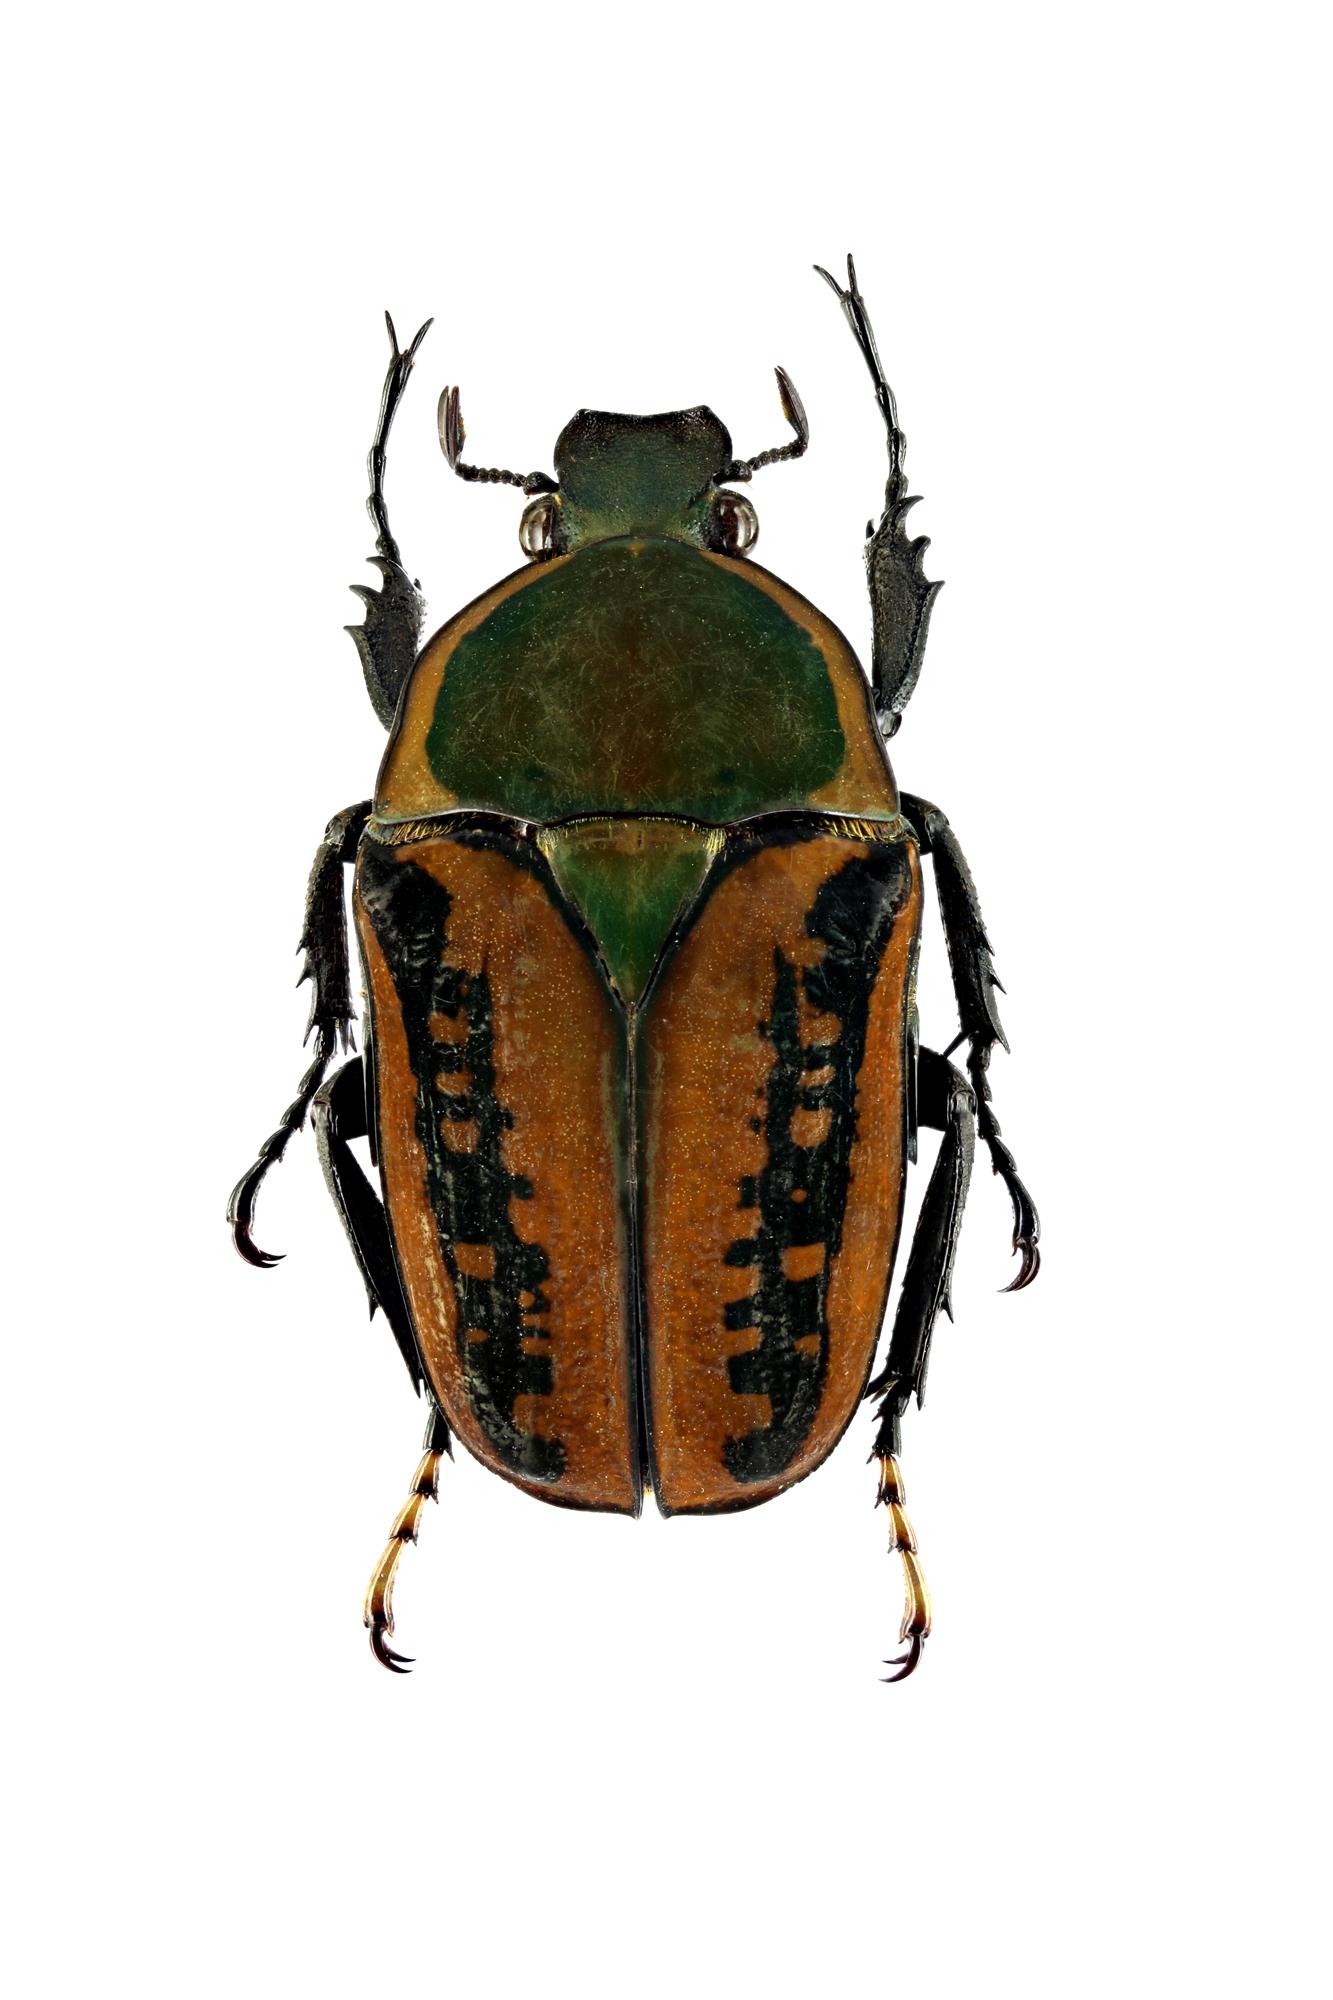 Mecynorhina (Megalorhina) harrisii haroldii 66346zs52.jpg